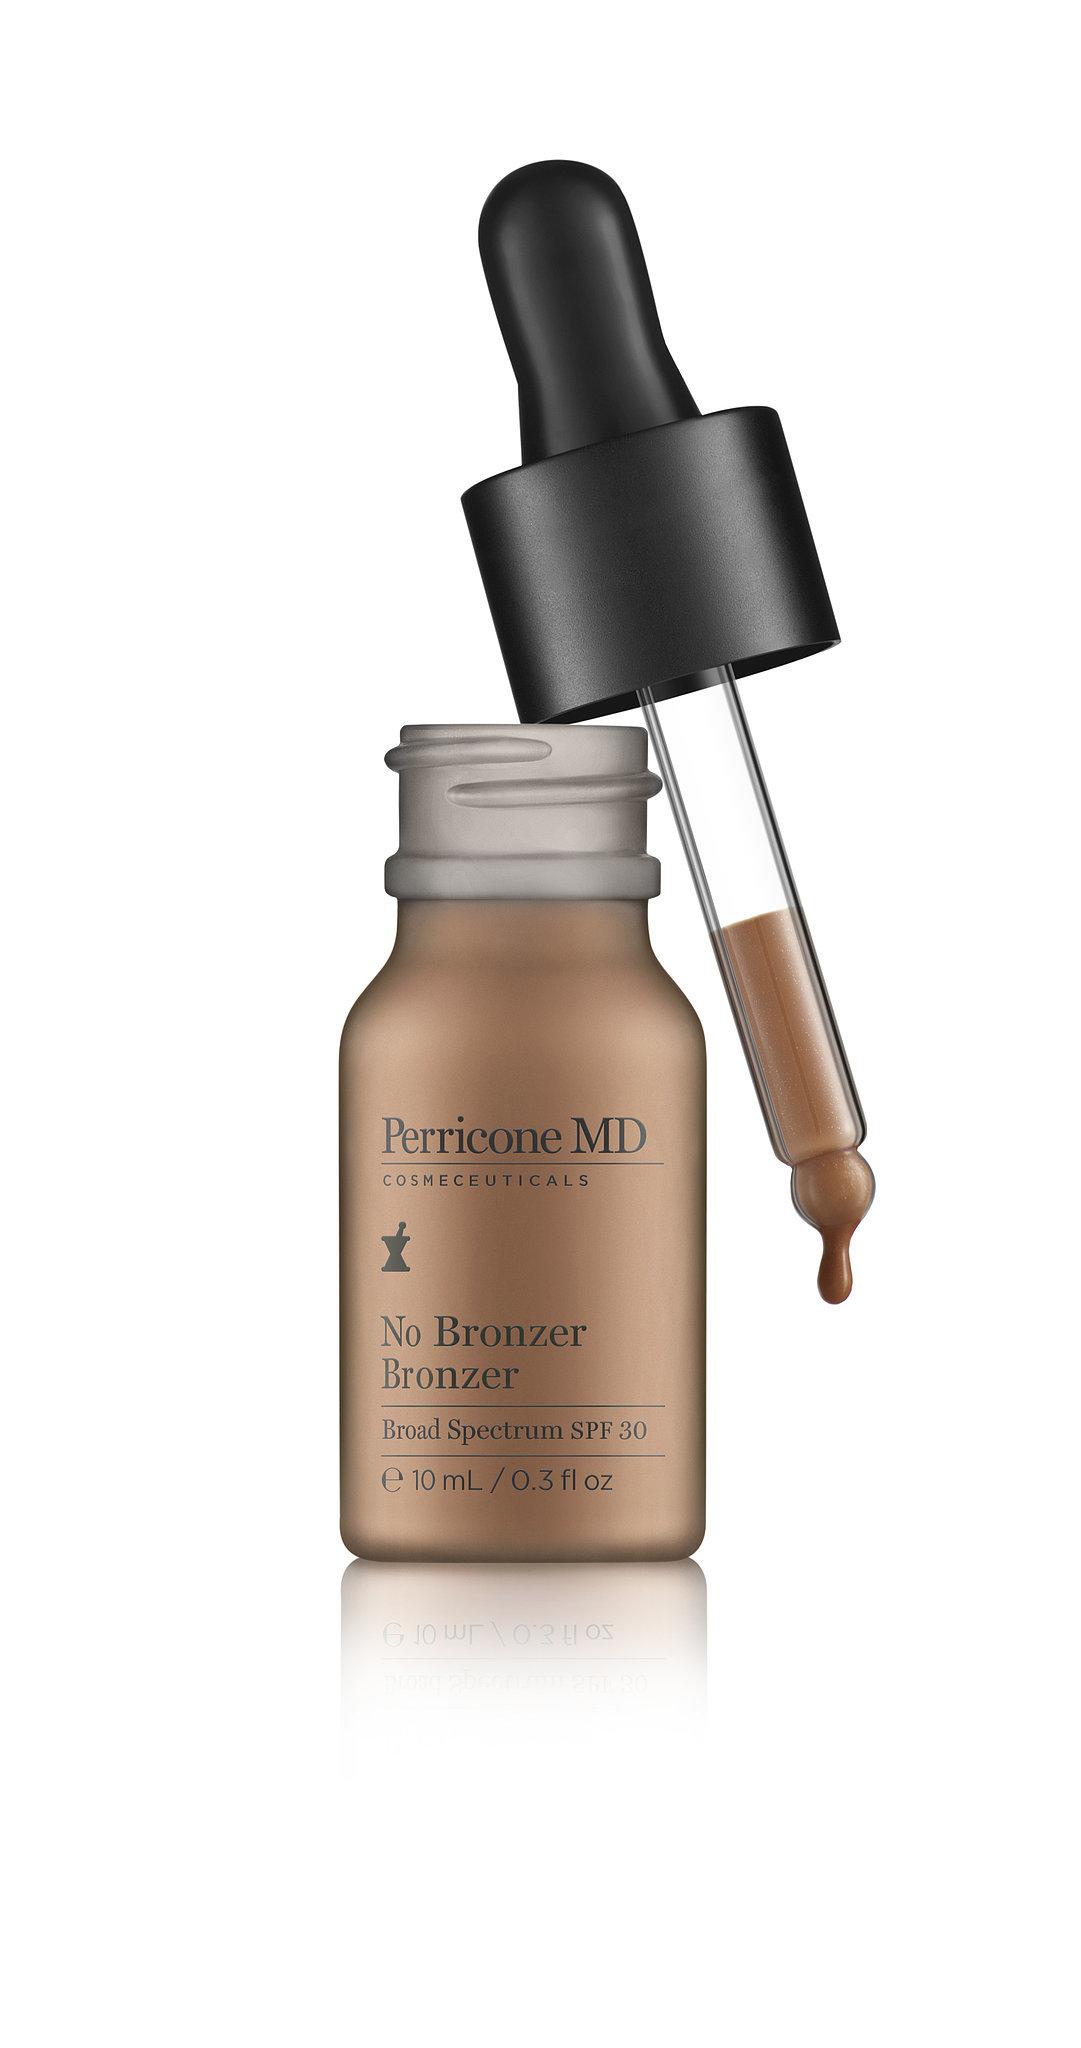 Perricone MD No Bronzer Bronzer